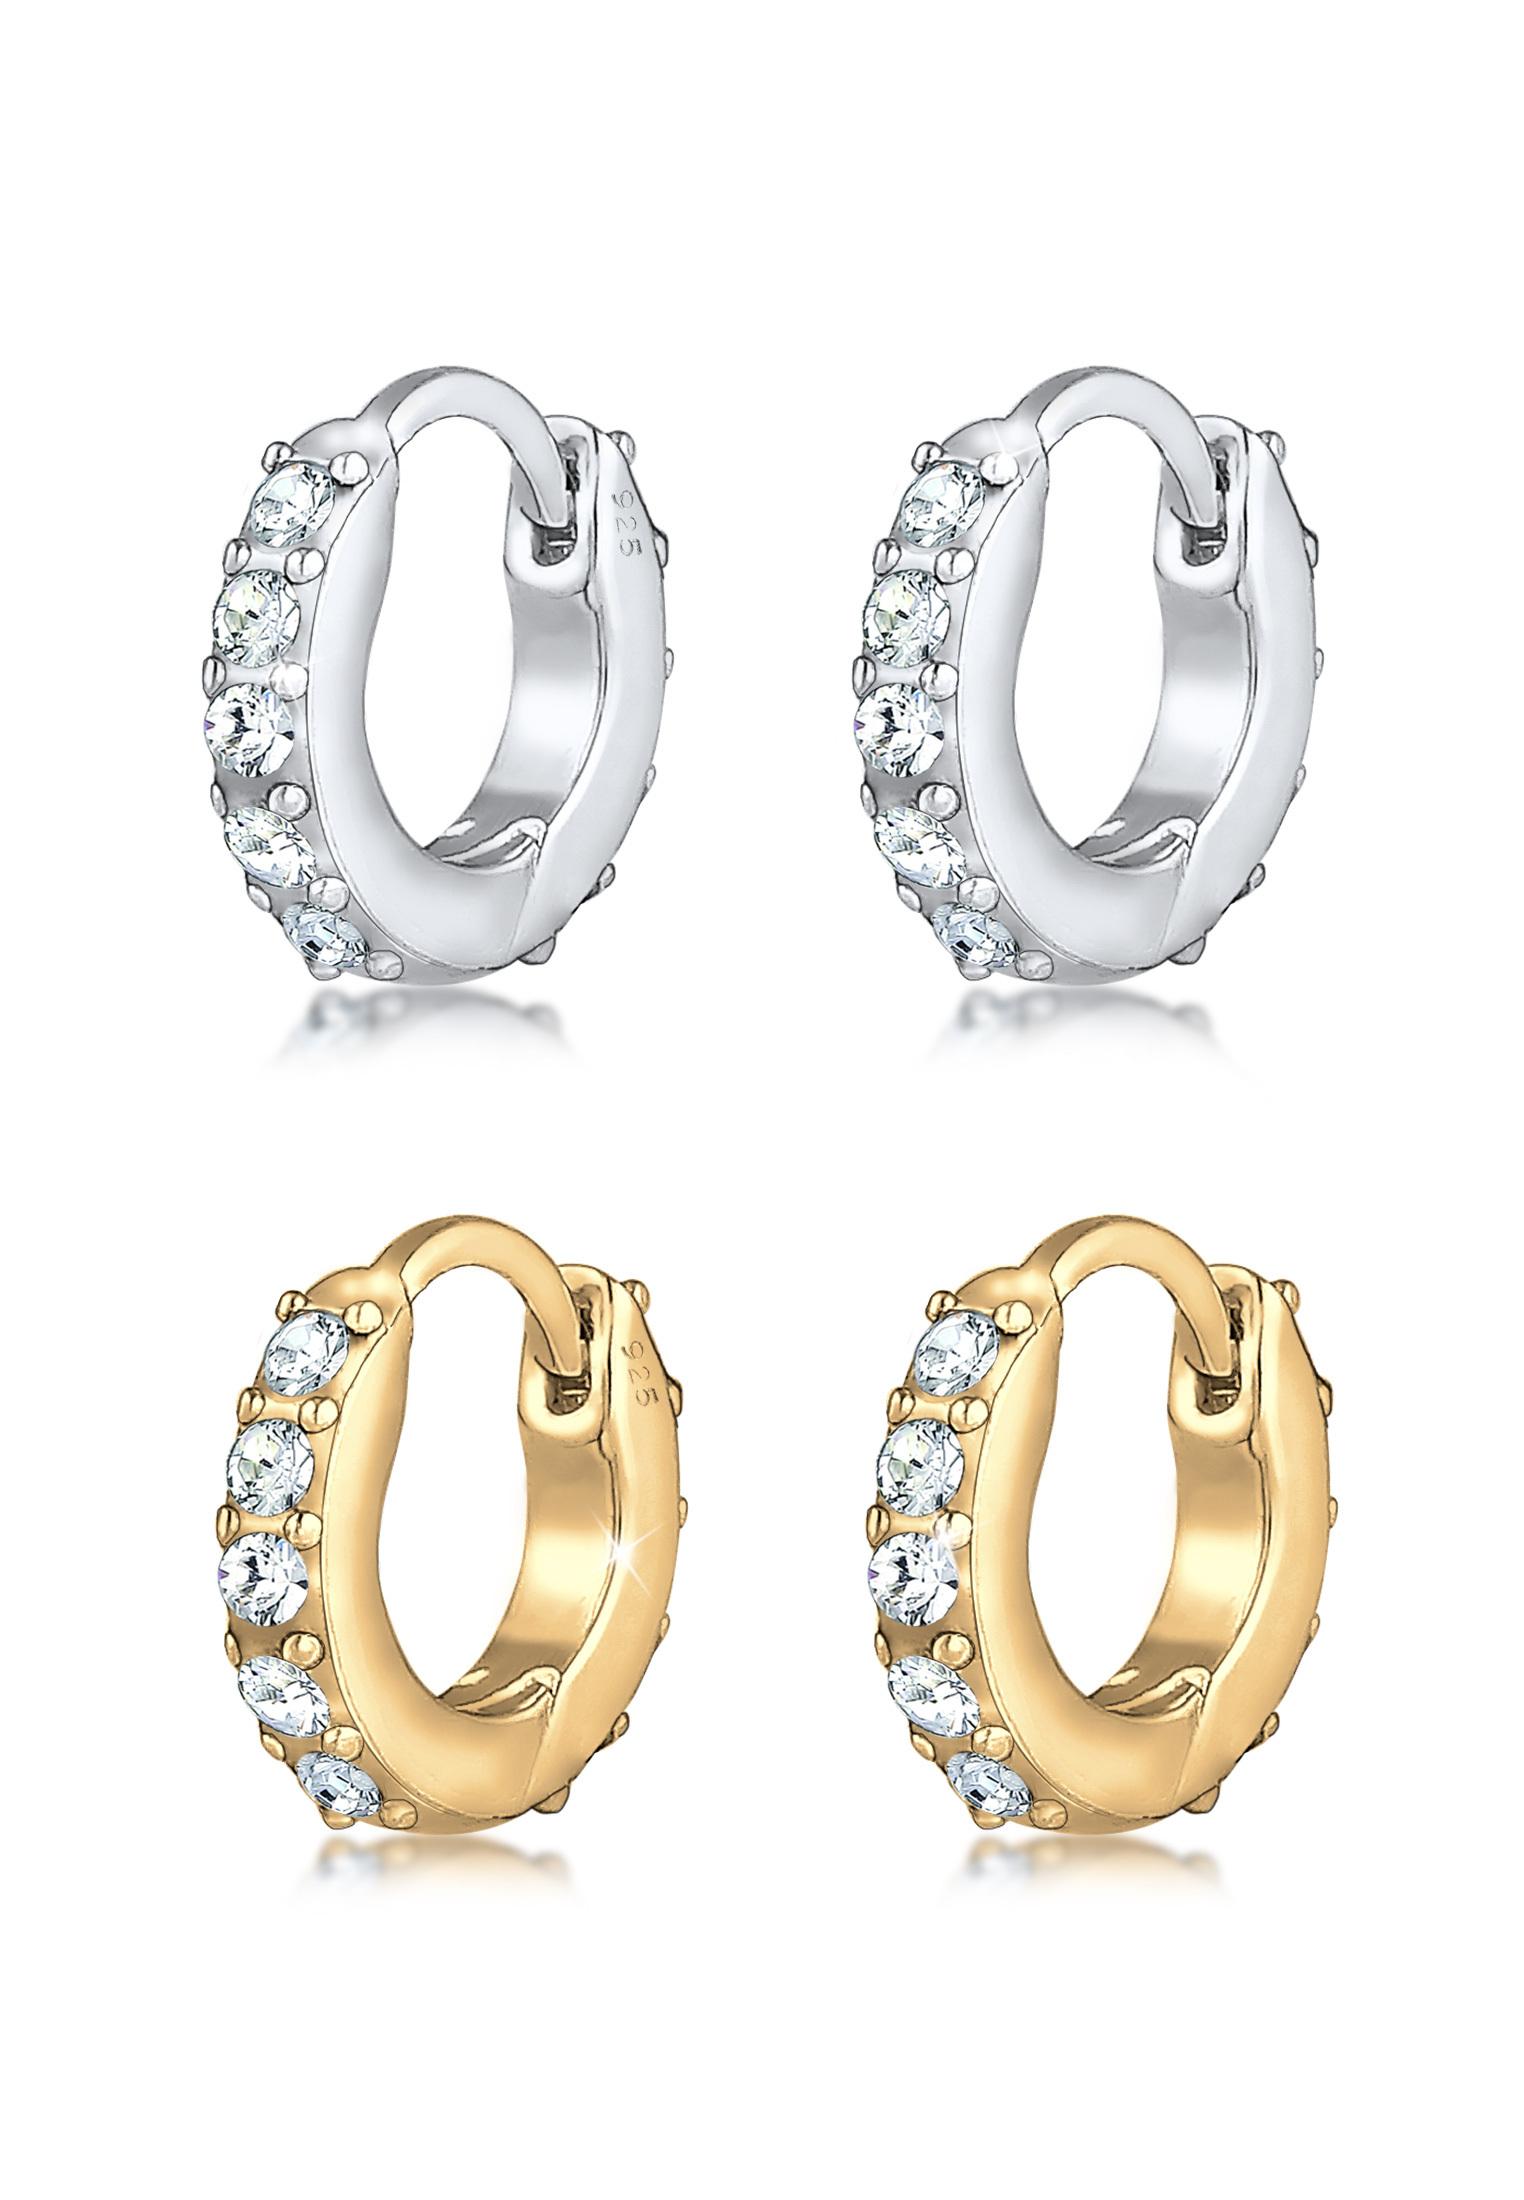 Ohrringset   Kristall ( Weiß )   925 Sterling Silber vergoldet